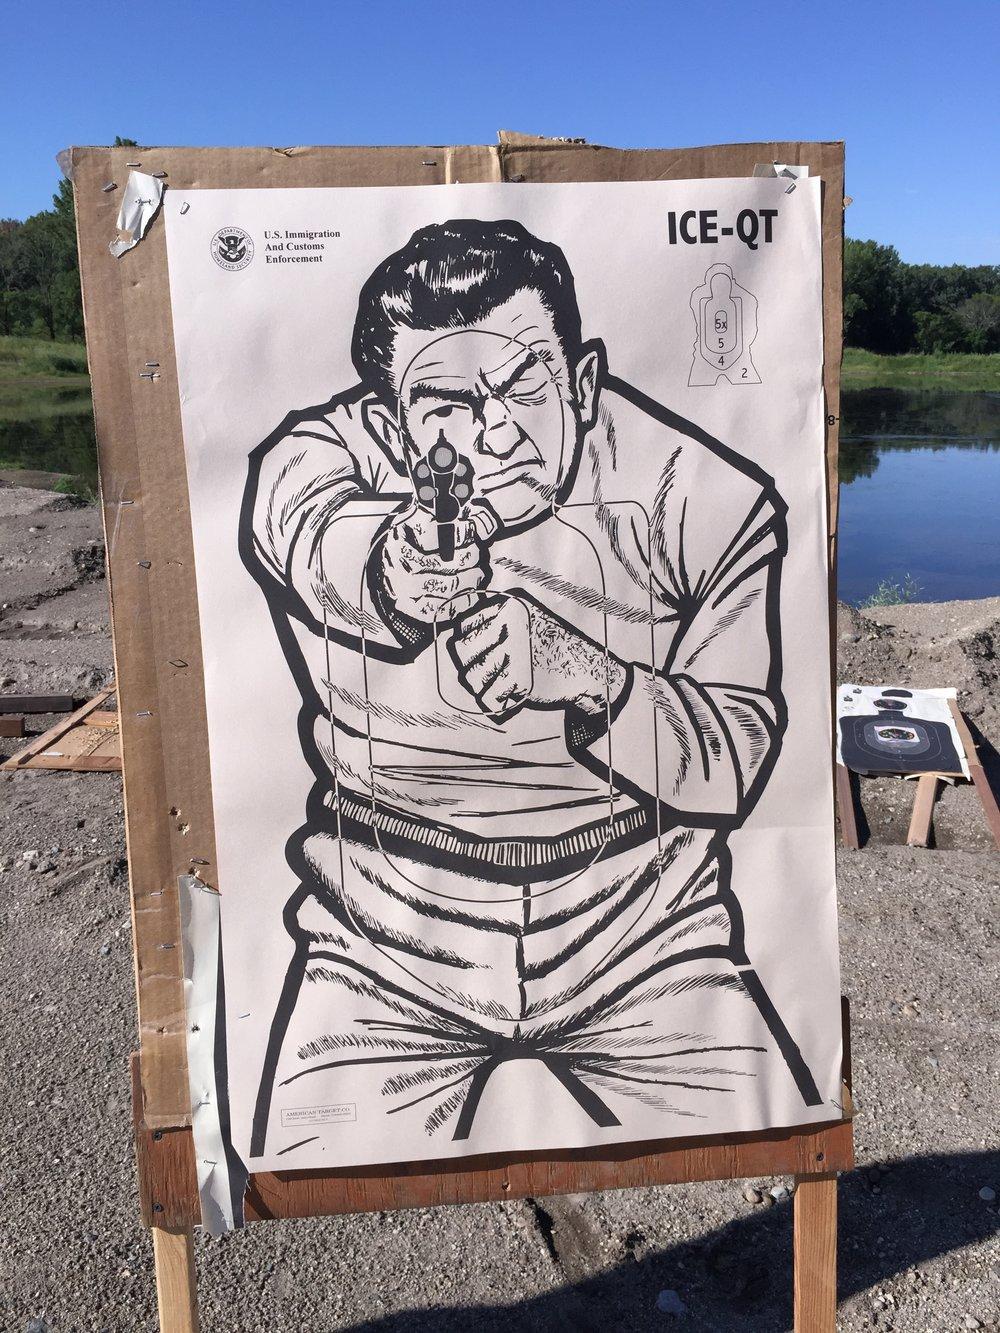 Handgun 101 - Never shot a gun before? Scared of guns? Start here.